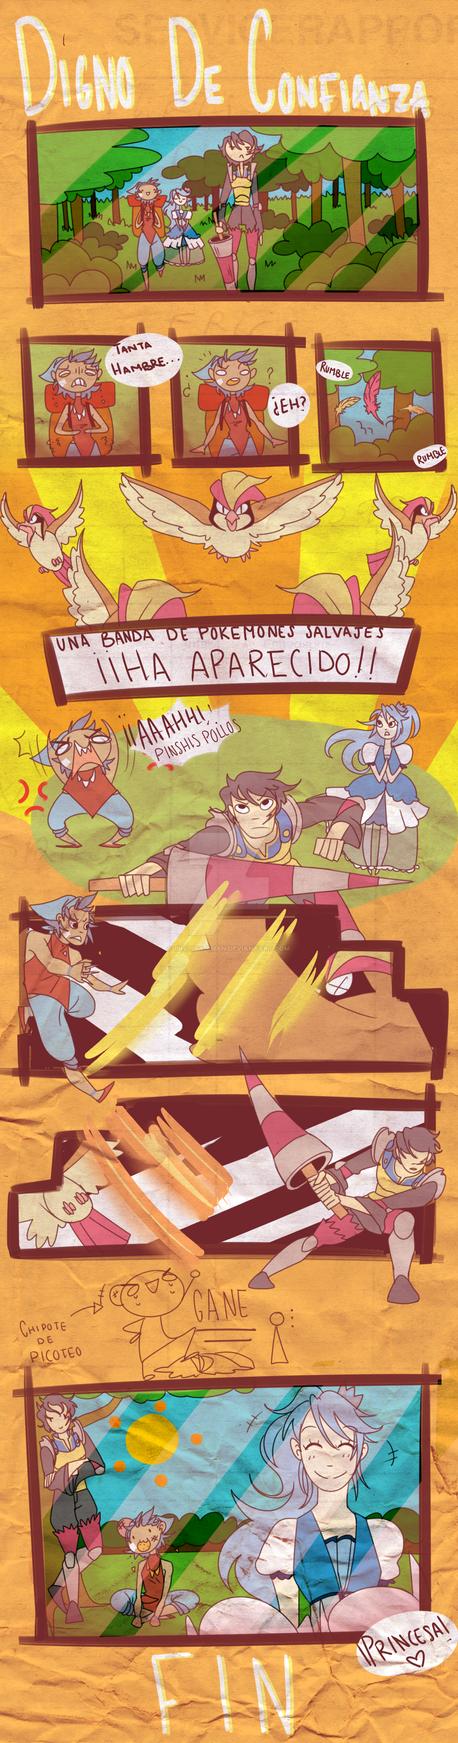 Act.3 Digna de confianza by Brujita-chan